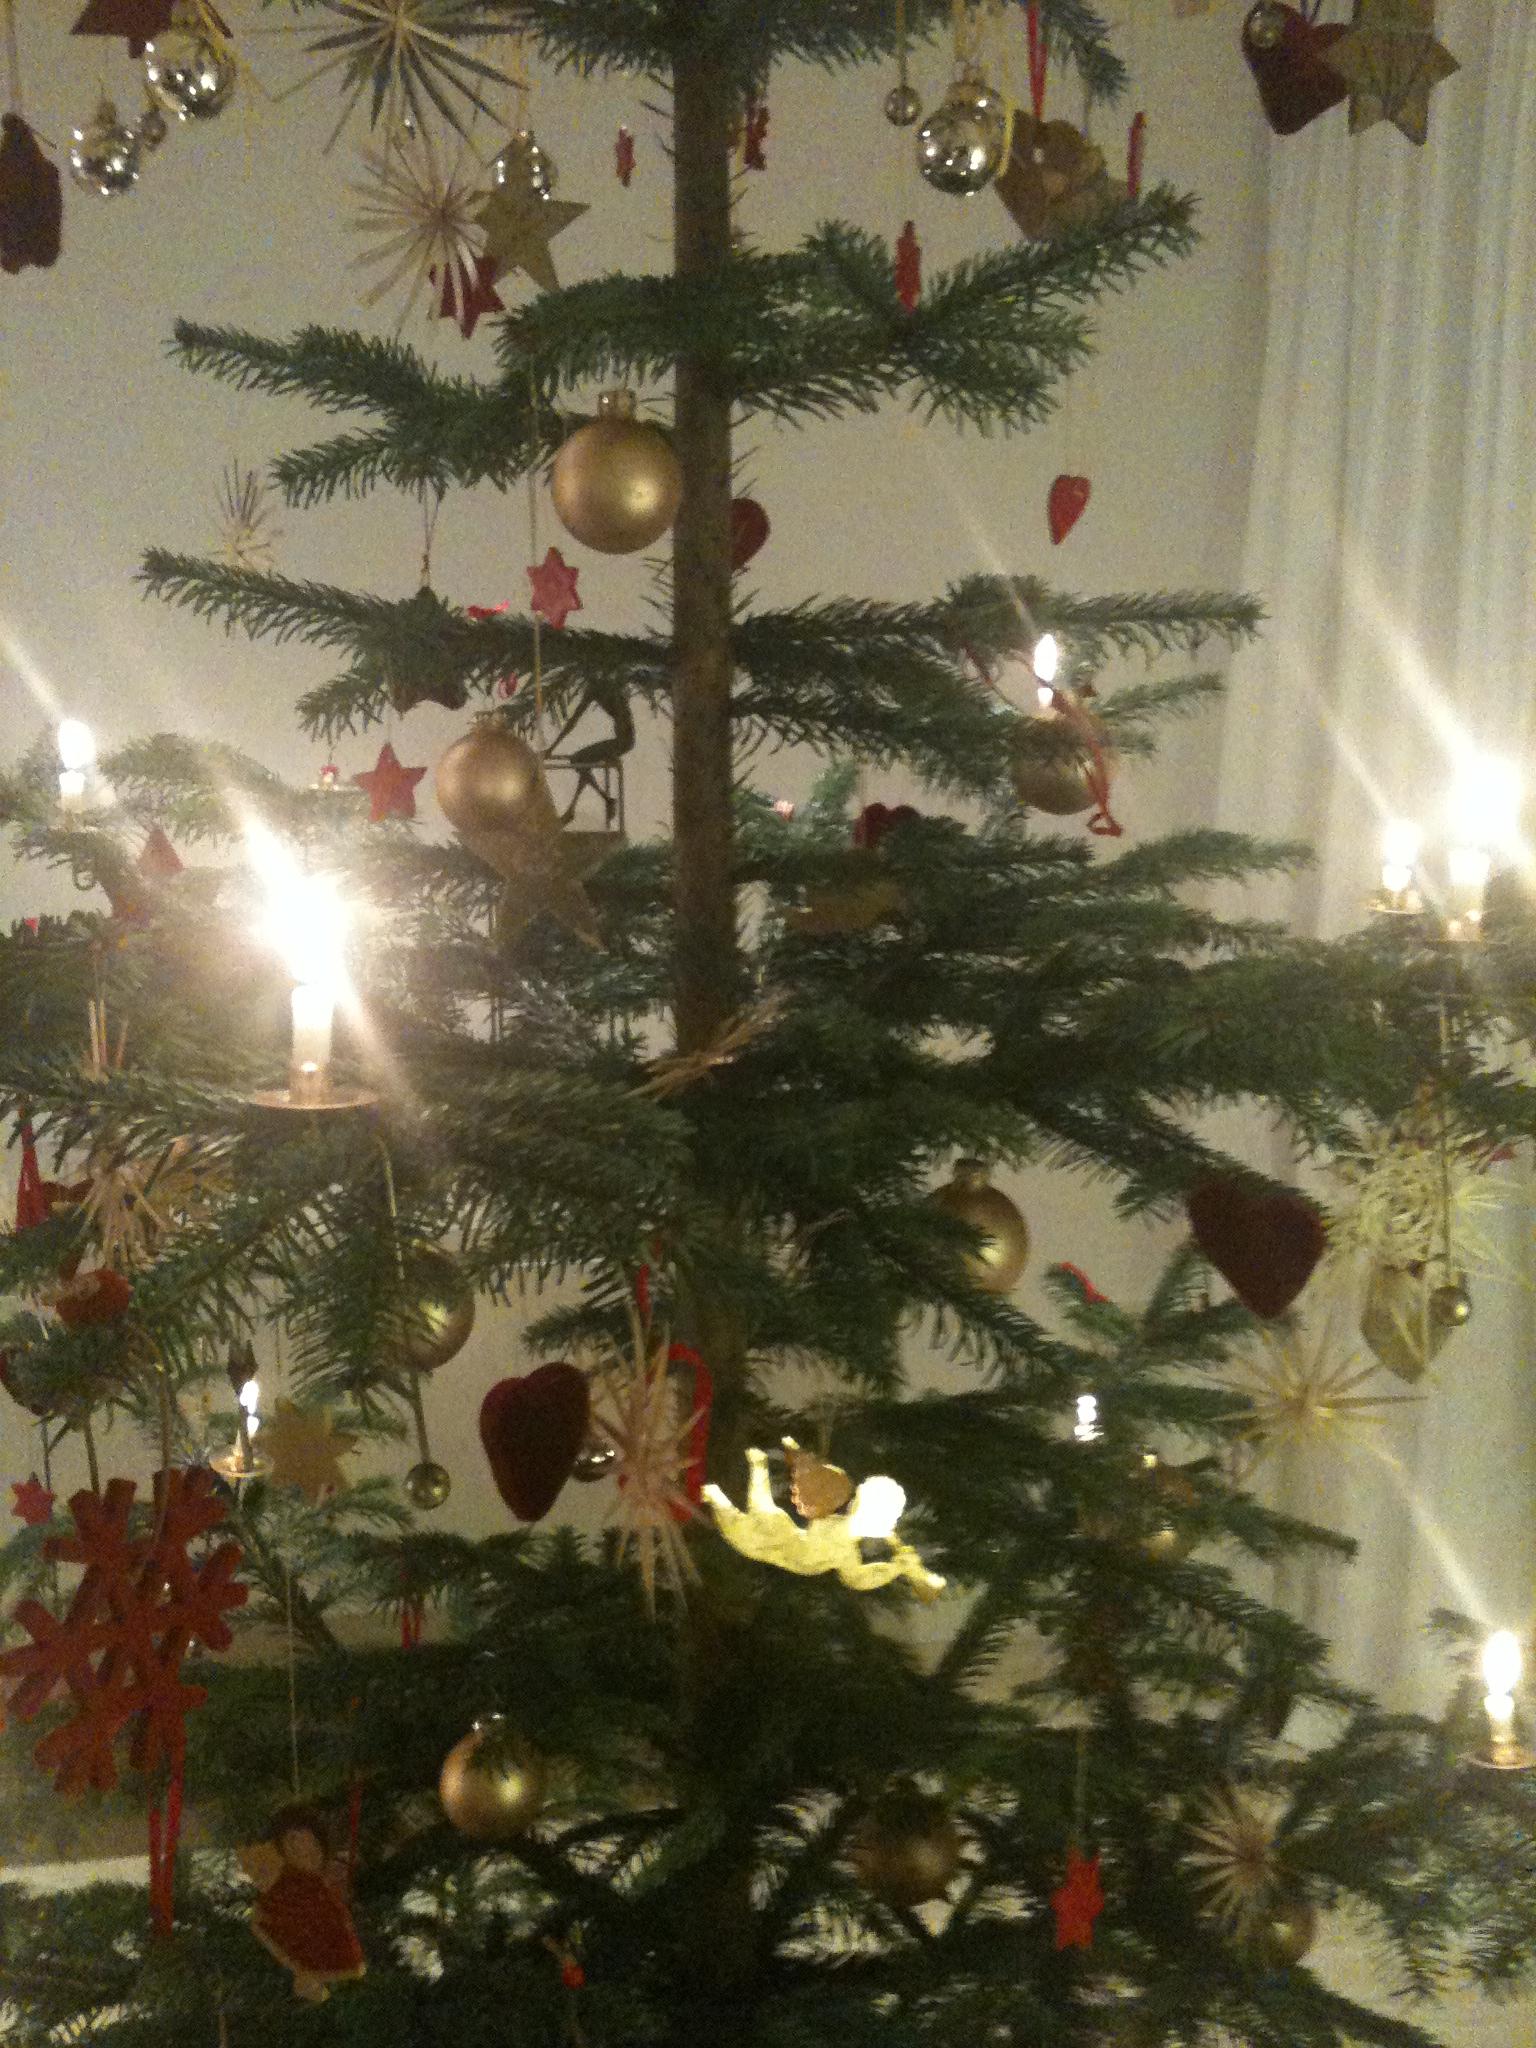 Weihnachten-Freude-schenken - GU